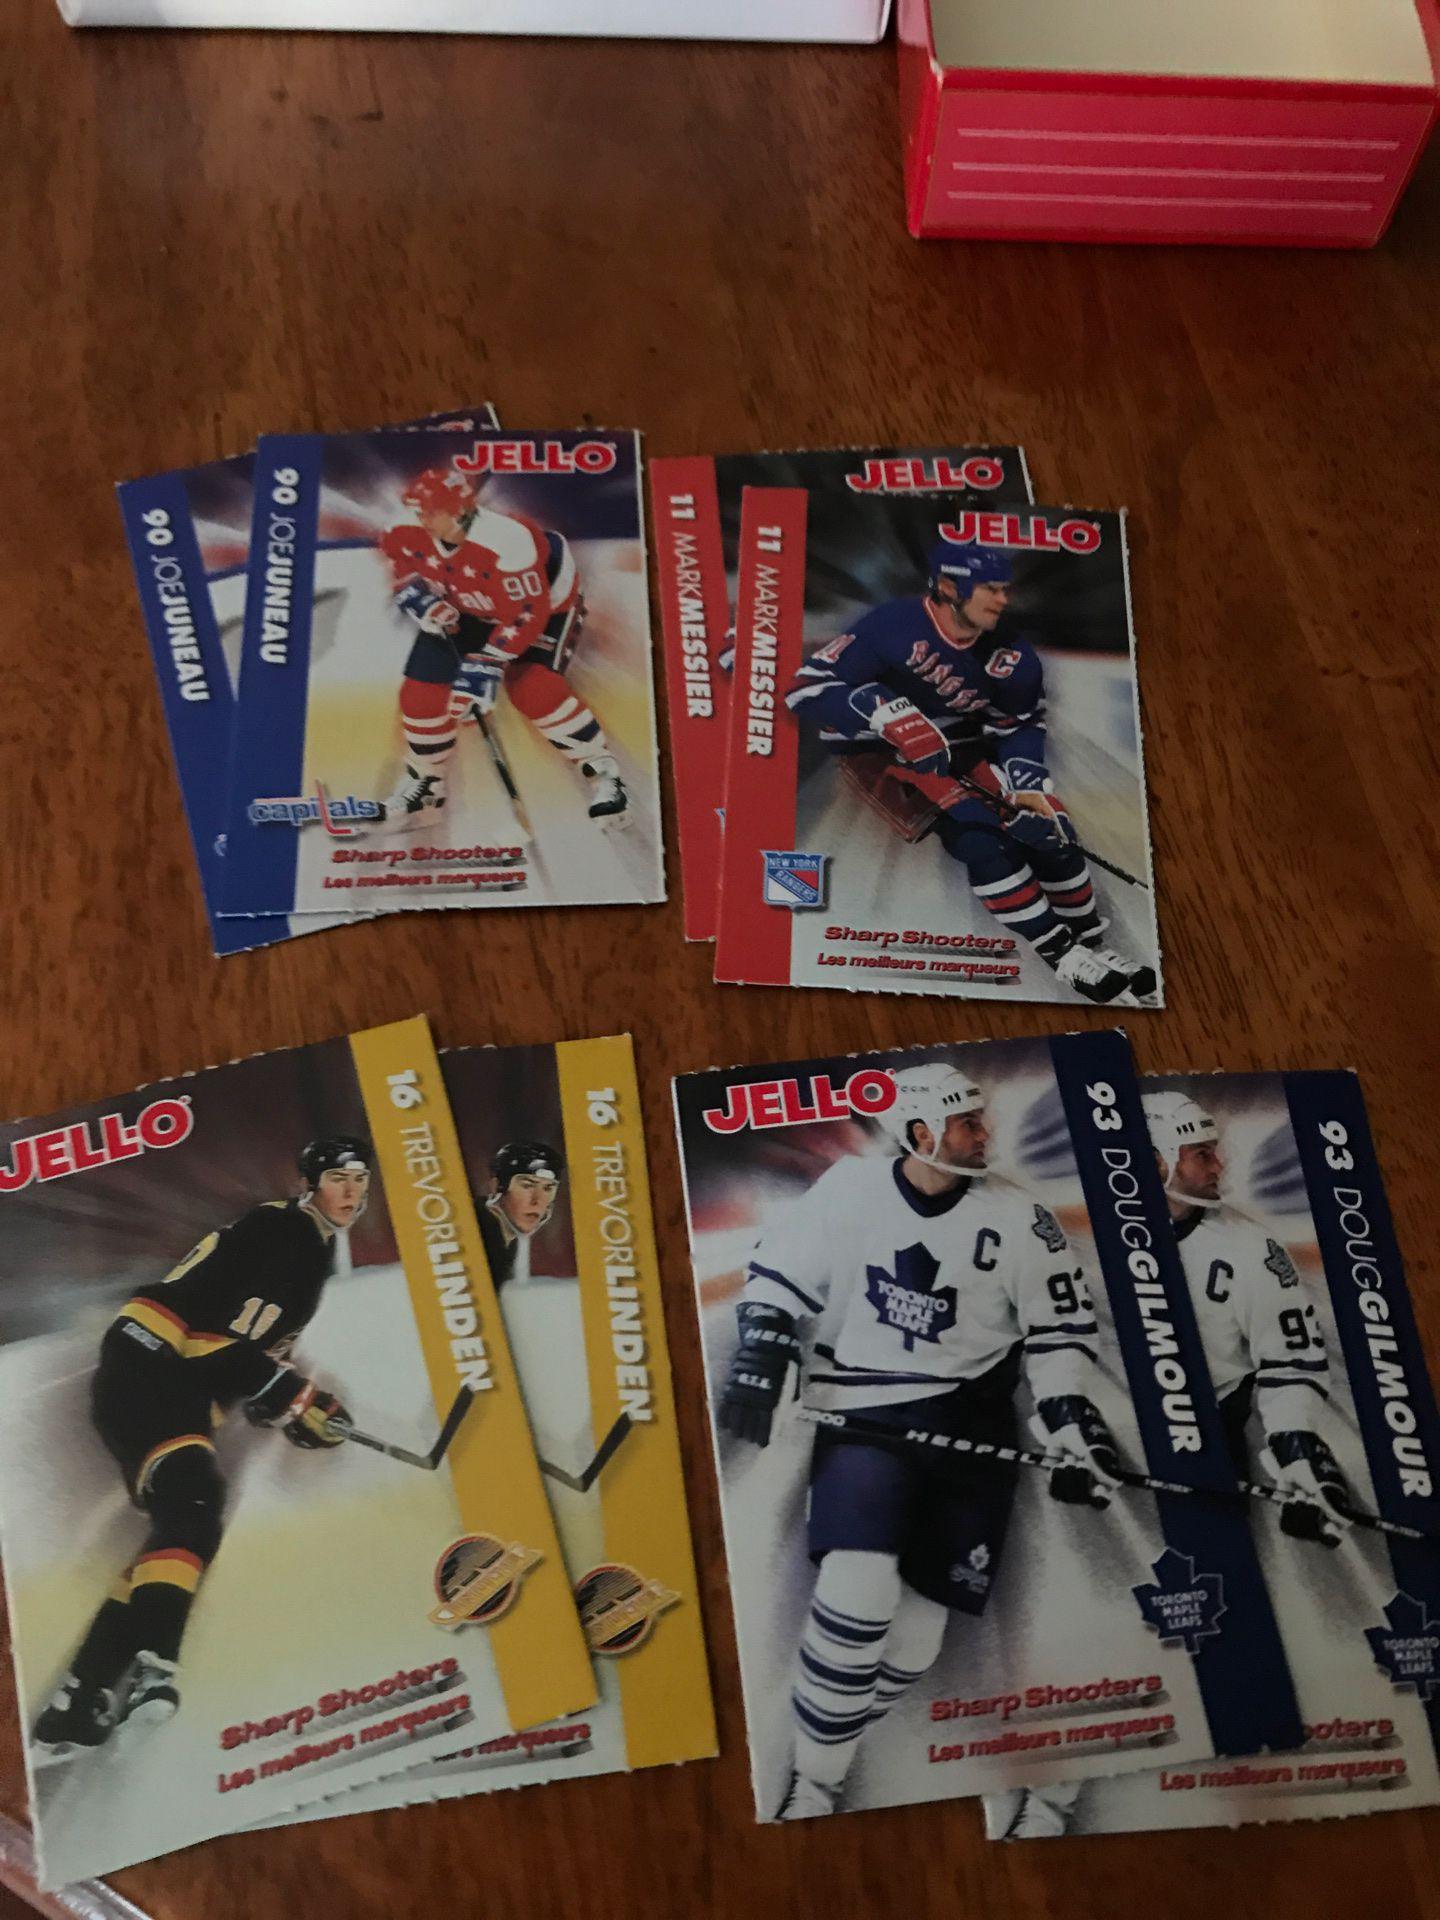 Jello-0 1994 hockey trading cards